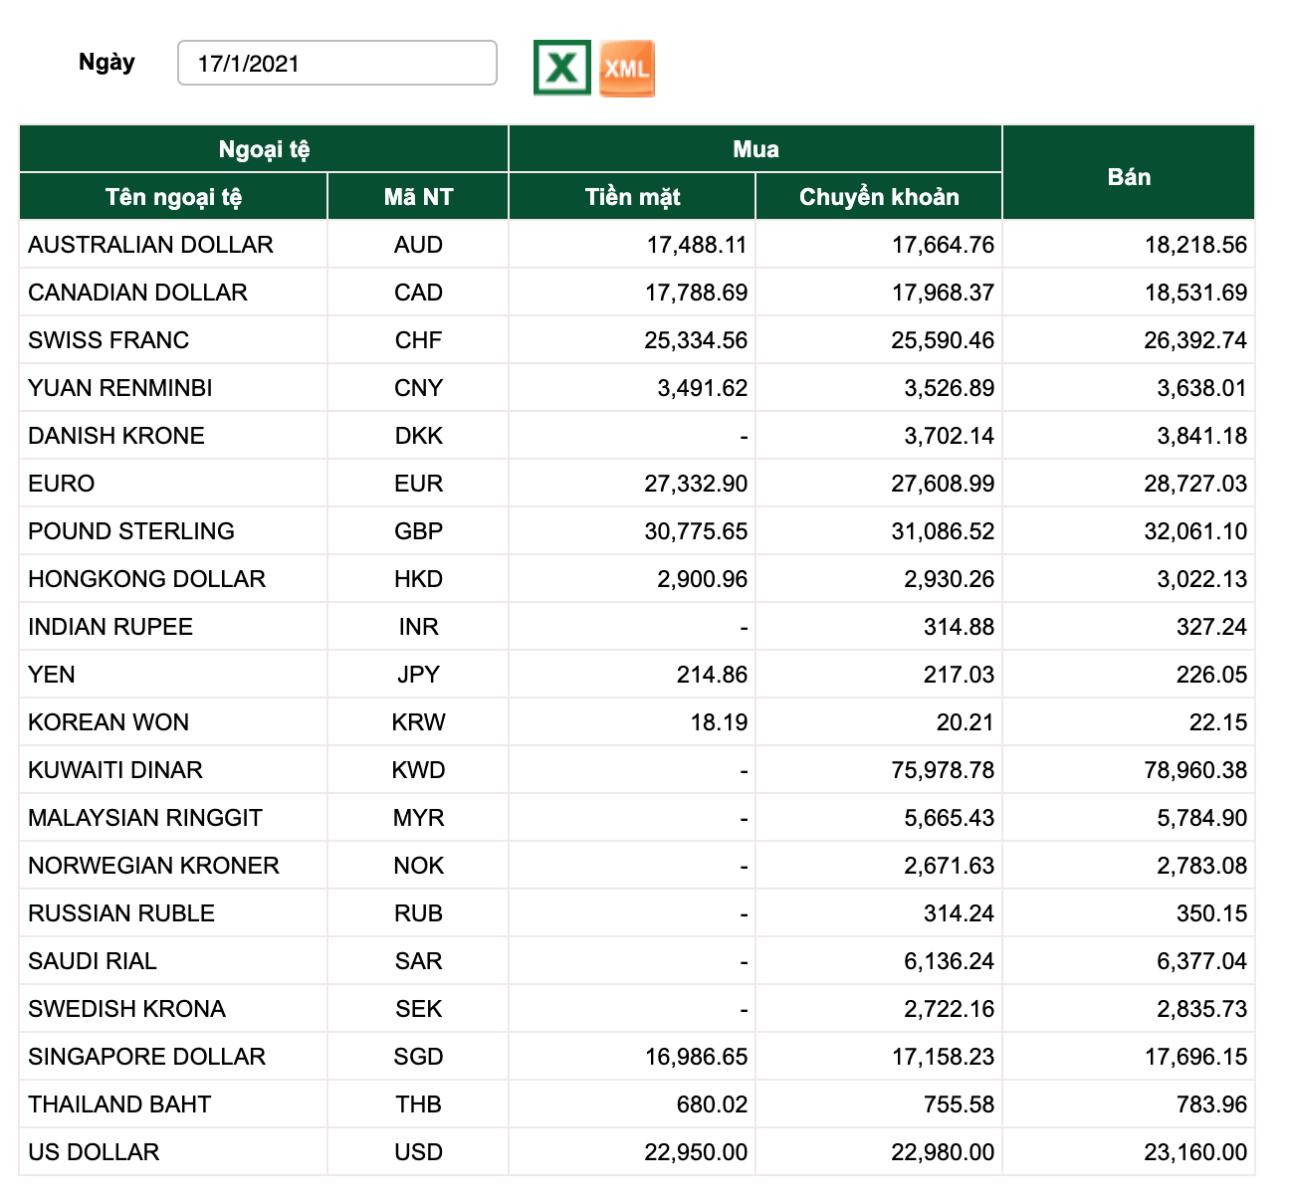 Tỷ giá Vietcombank hôm nay 17/1: Ngoại tệ không đổi, USD chợ đen tăng sốc